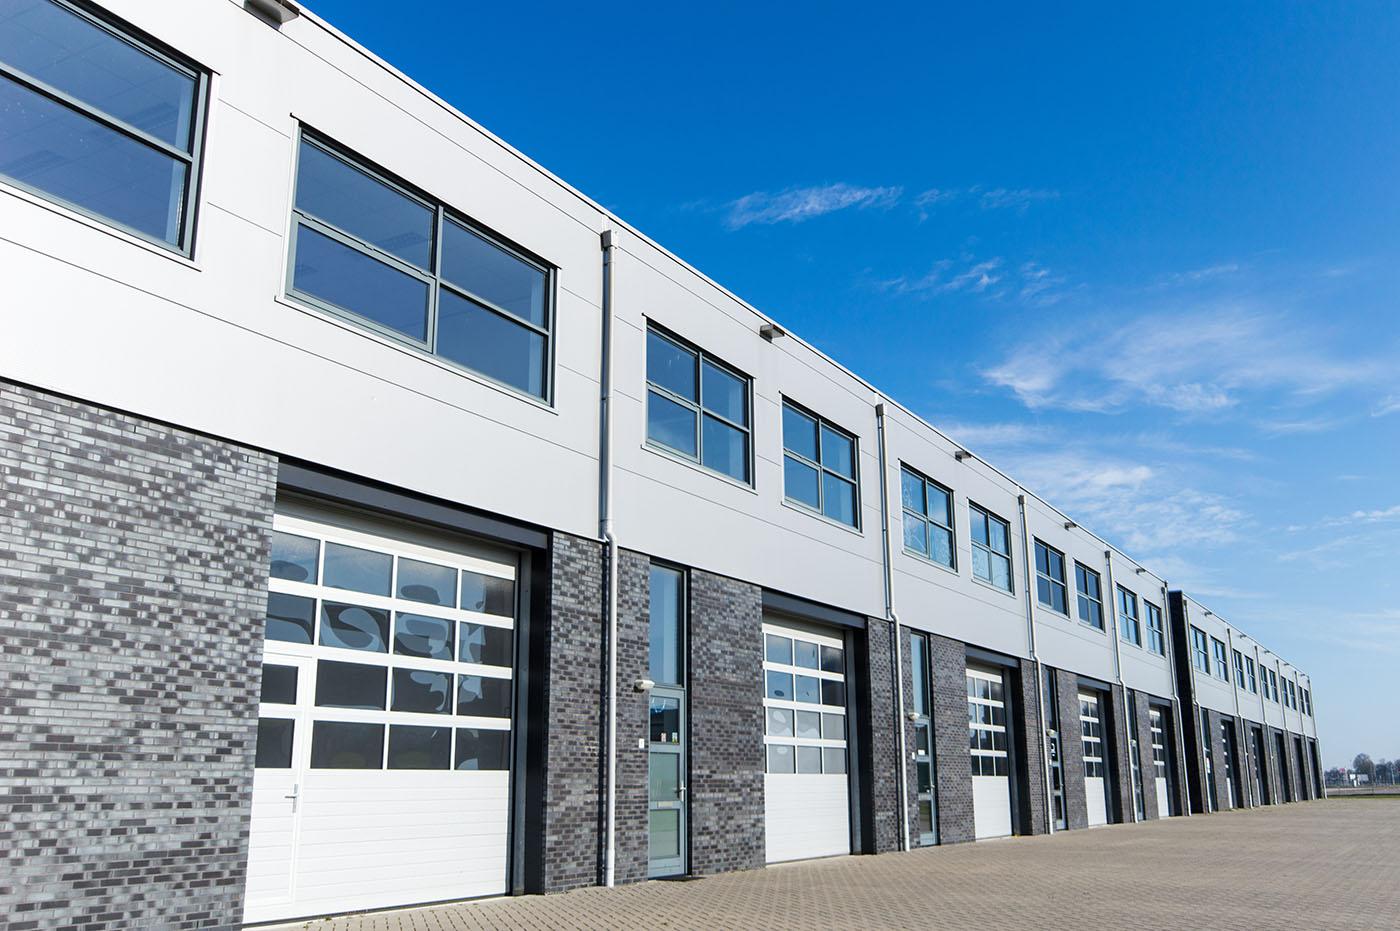 Hör av er för industriportar i Dalarna. Vi hjälper er med industriportar i Dalarna.